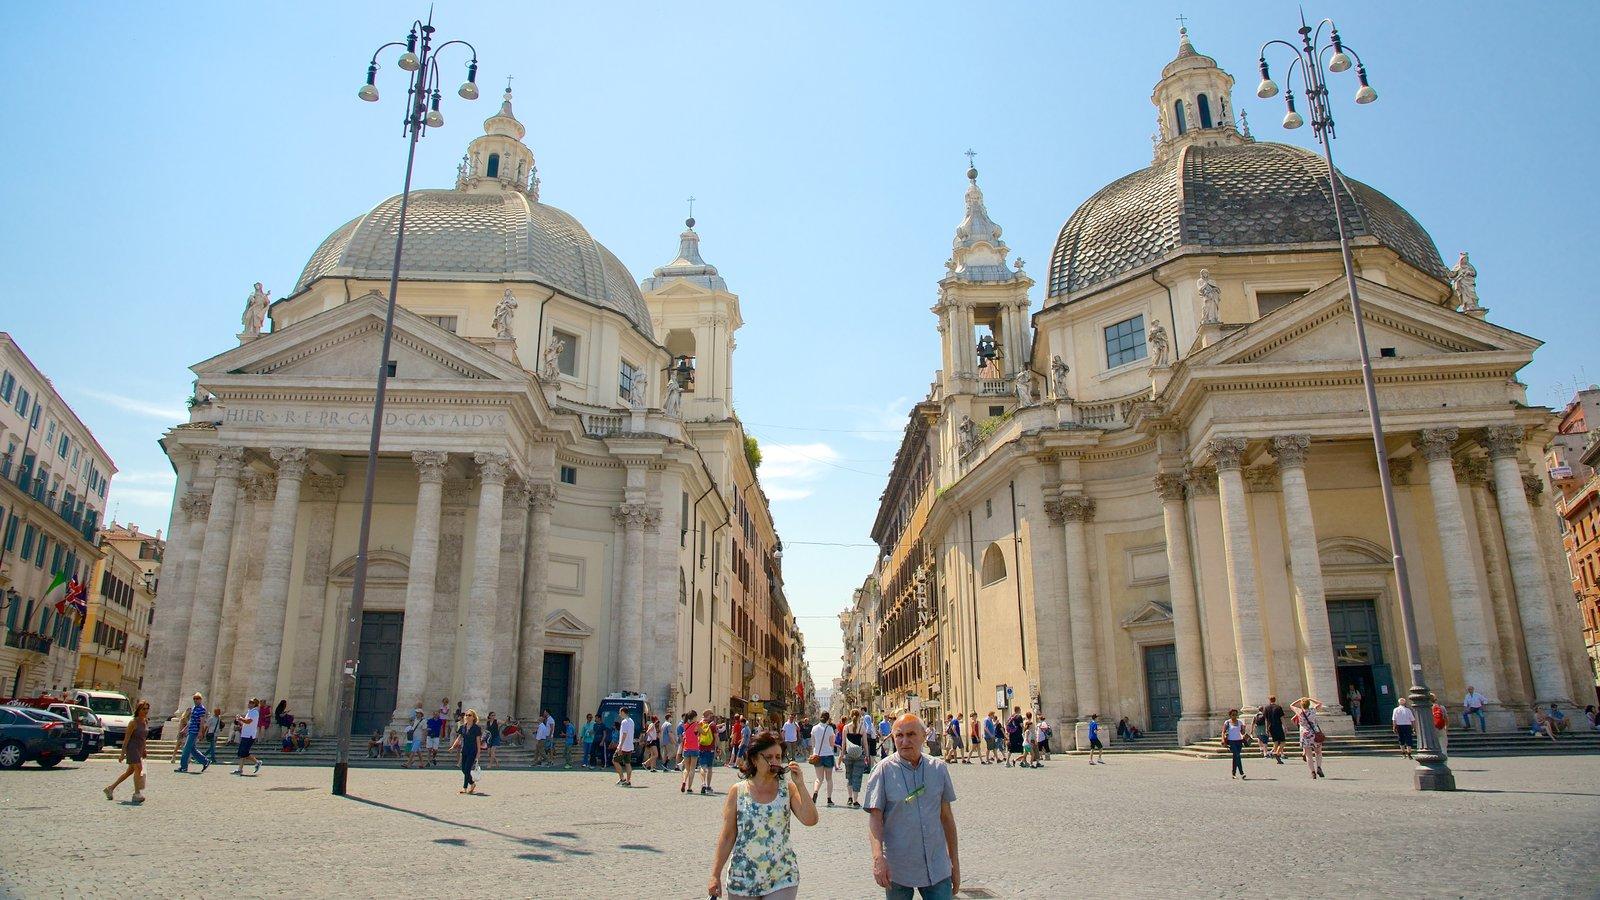 Via del Corso featuring street scenes, a city and a square or plaza